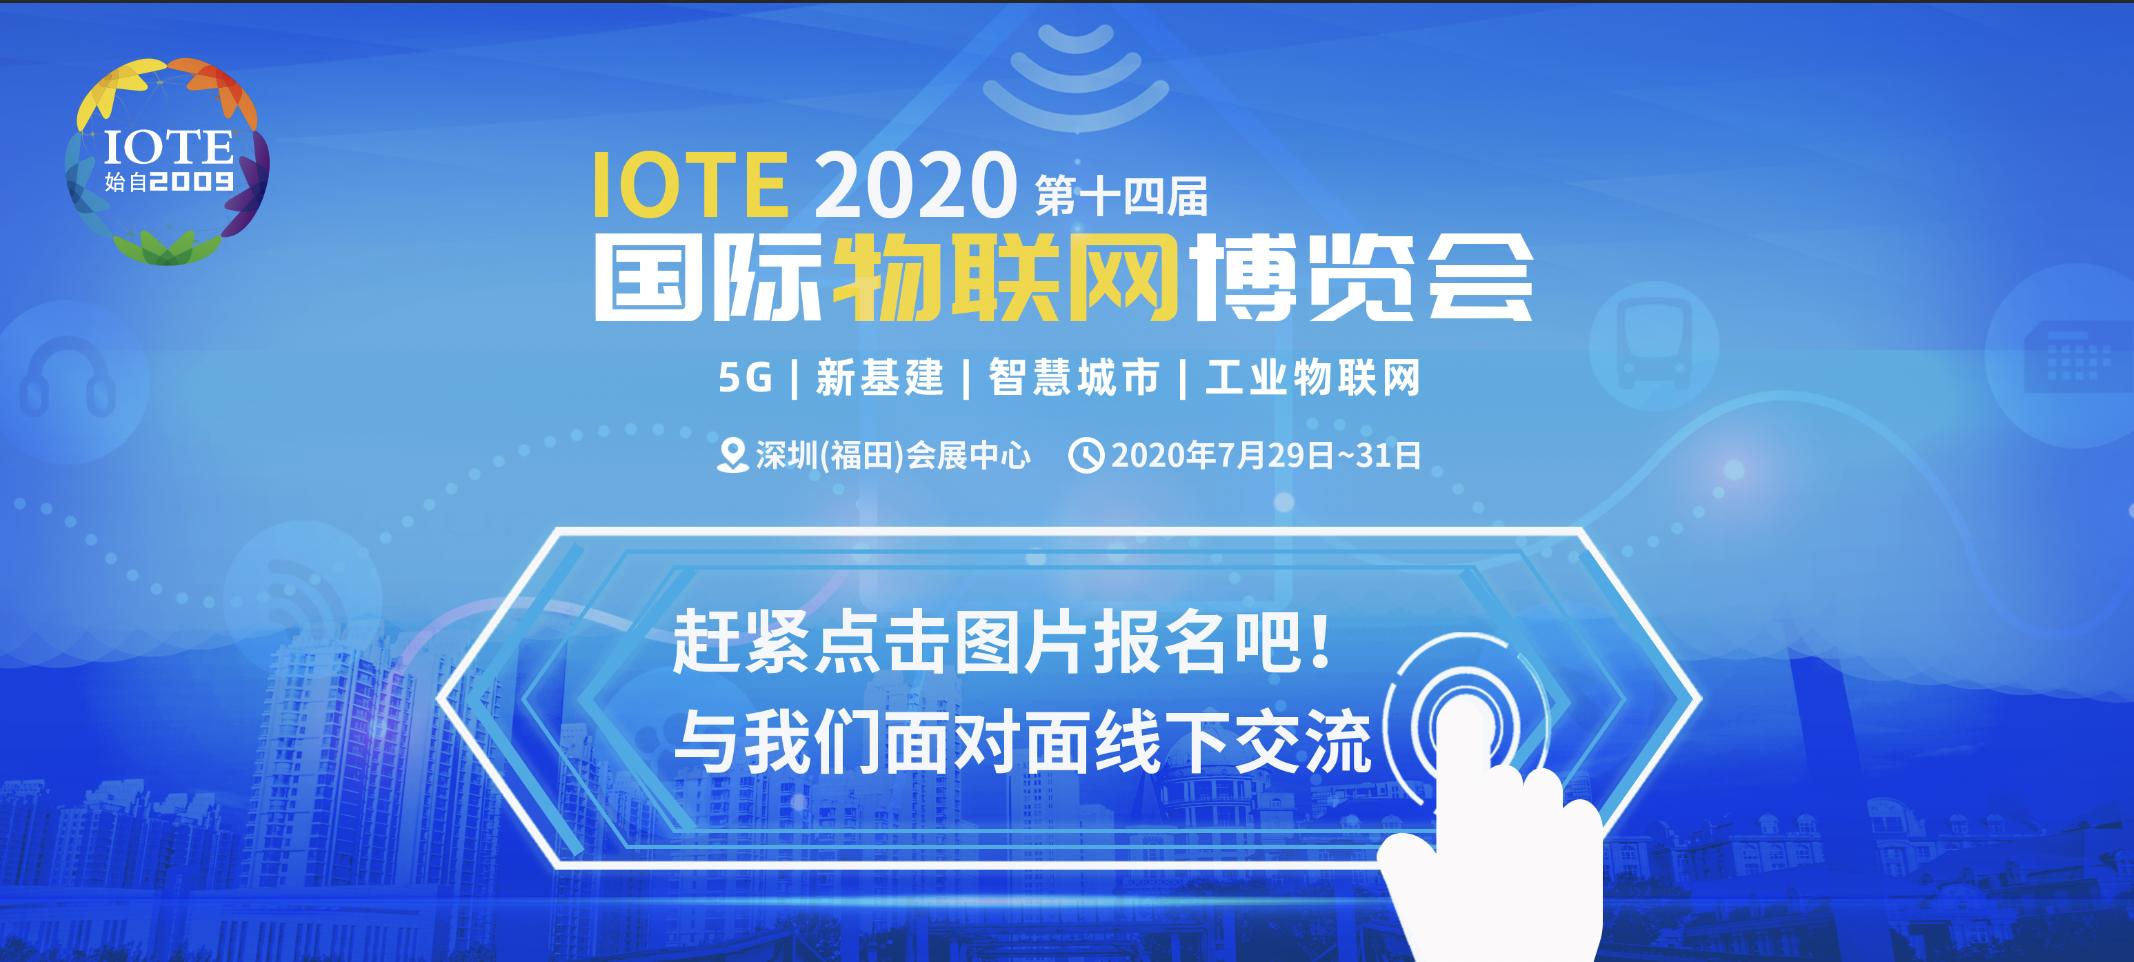 專注于UWB室內高精度定位,北京未來感知科技有限公司將精彩亮相IOTE2020 深圳國際物聯網展